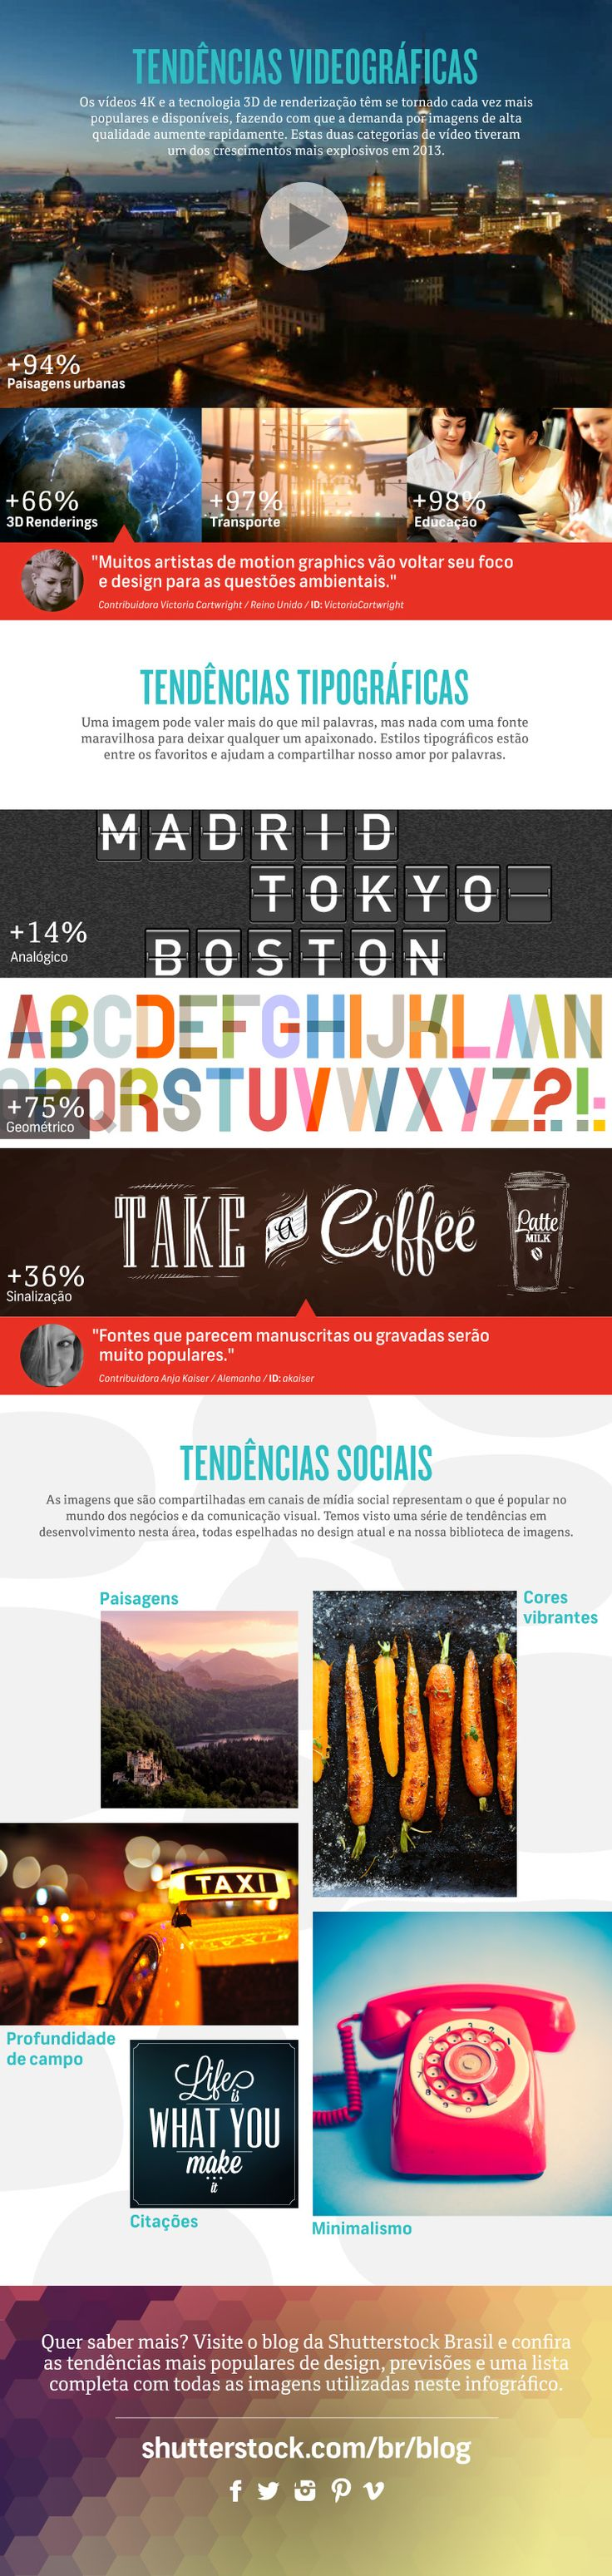 Tendências de design 2014 segundo a Shutterstock - Infográfico - Choco La Design